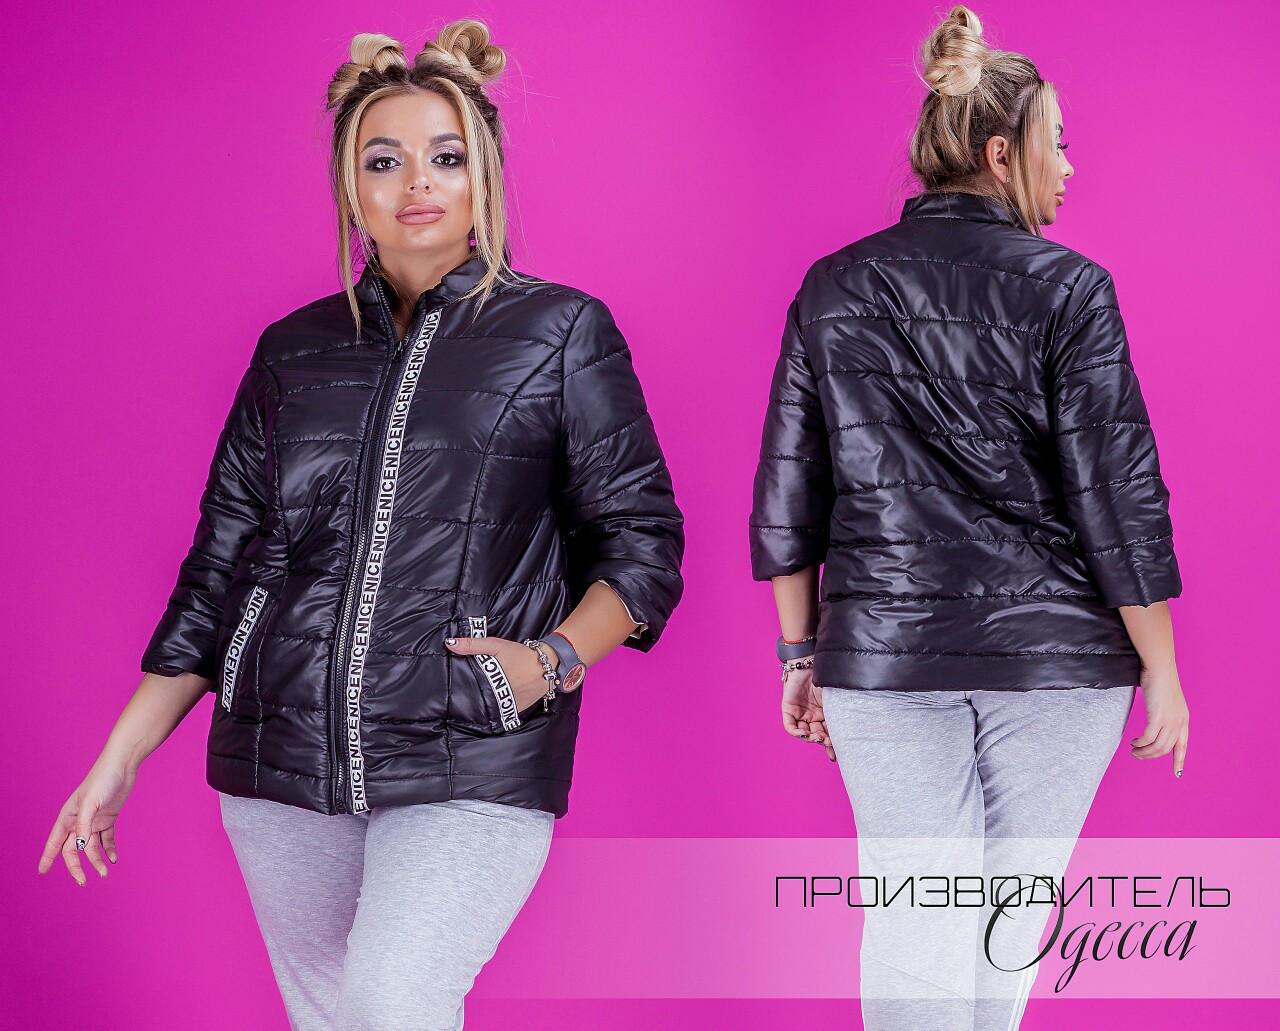 Женская куртка больших размеров от 44 до 54 рукав три четверти на синтепоне/ 3 цвета арт 6406-218